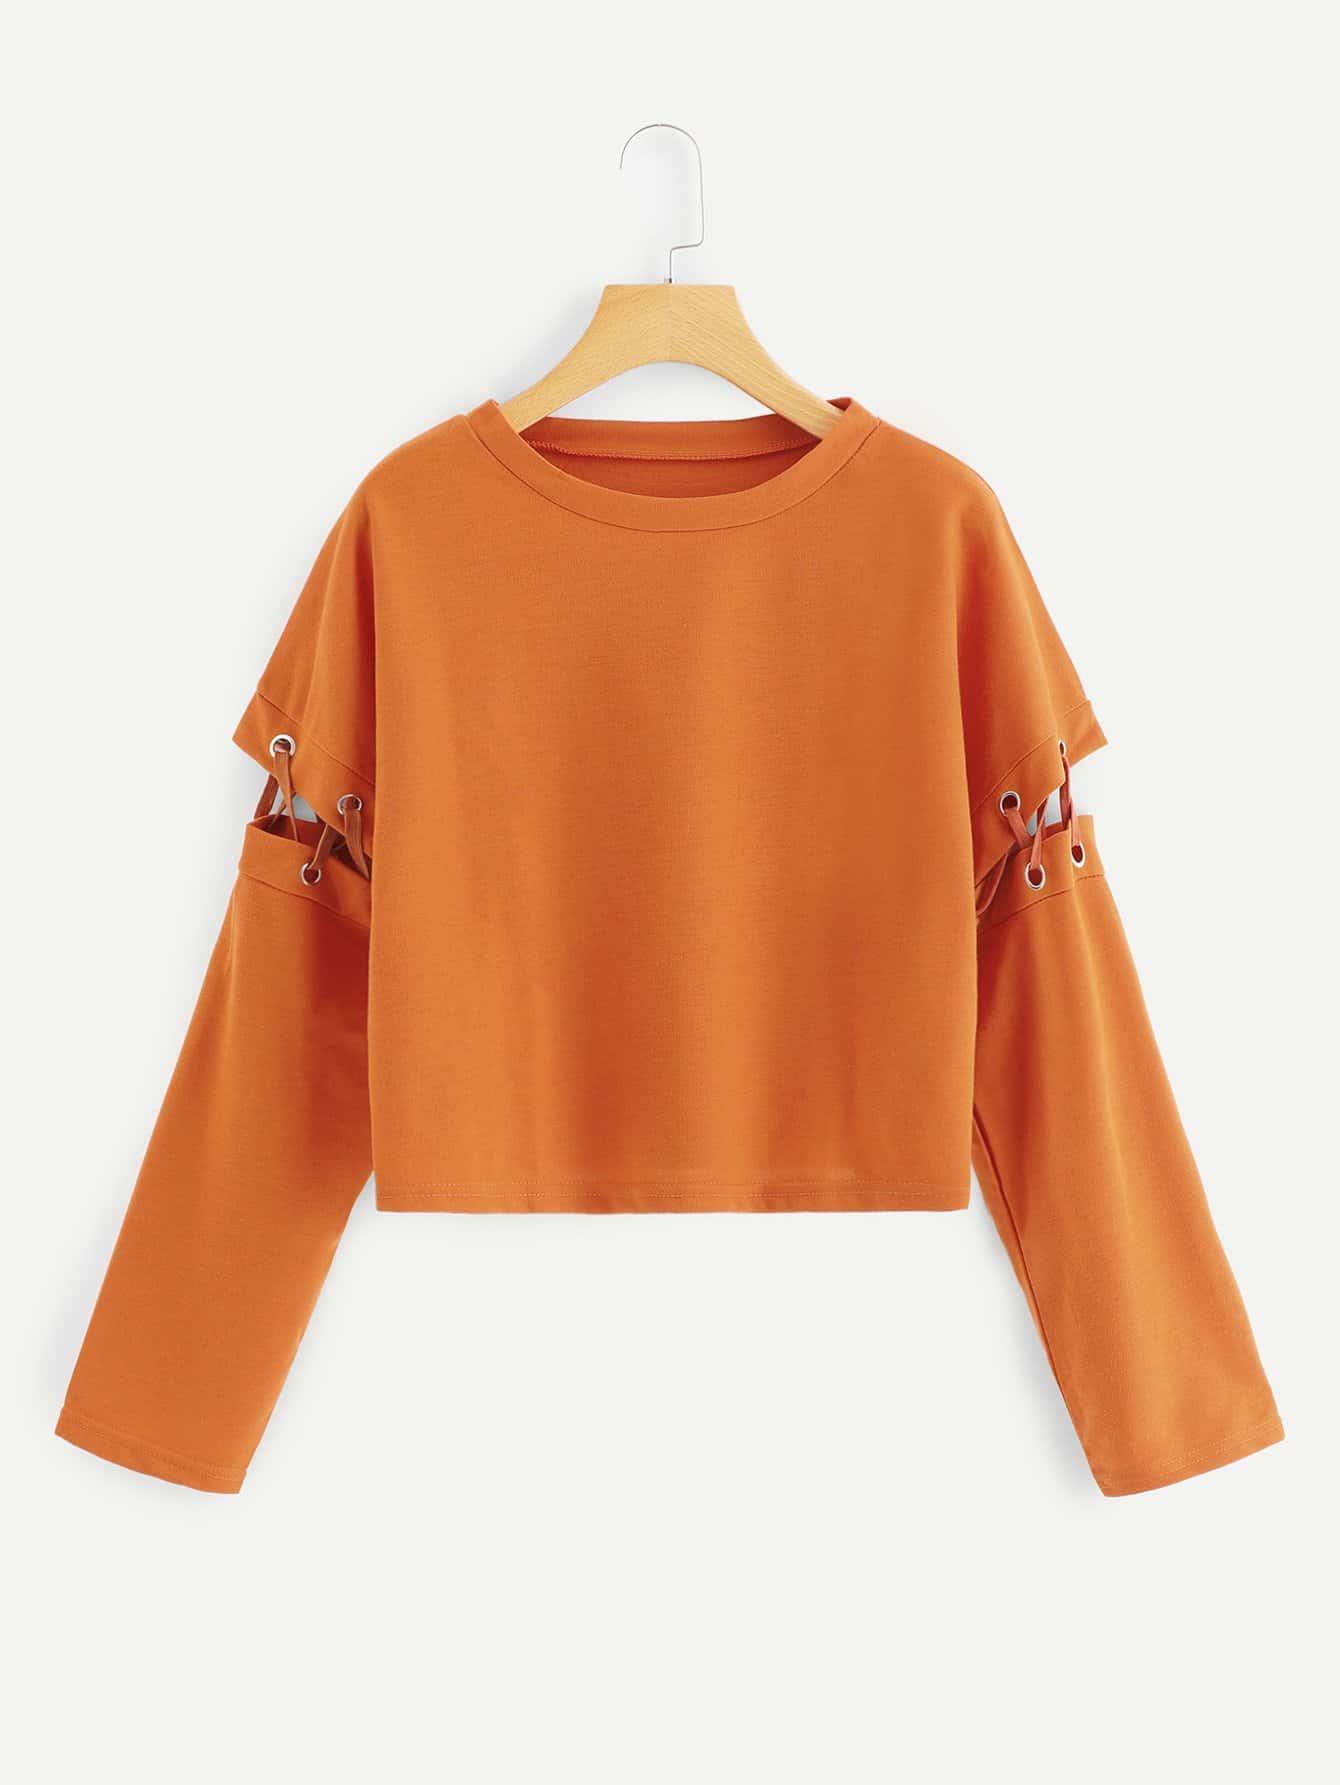 Купить Большая простая спортивная футболка с кружевными оборками, null, SheIn